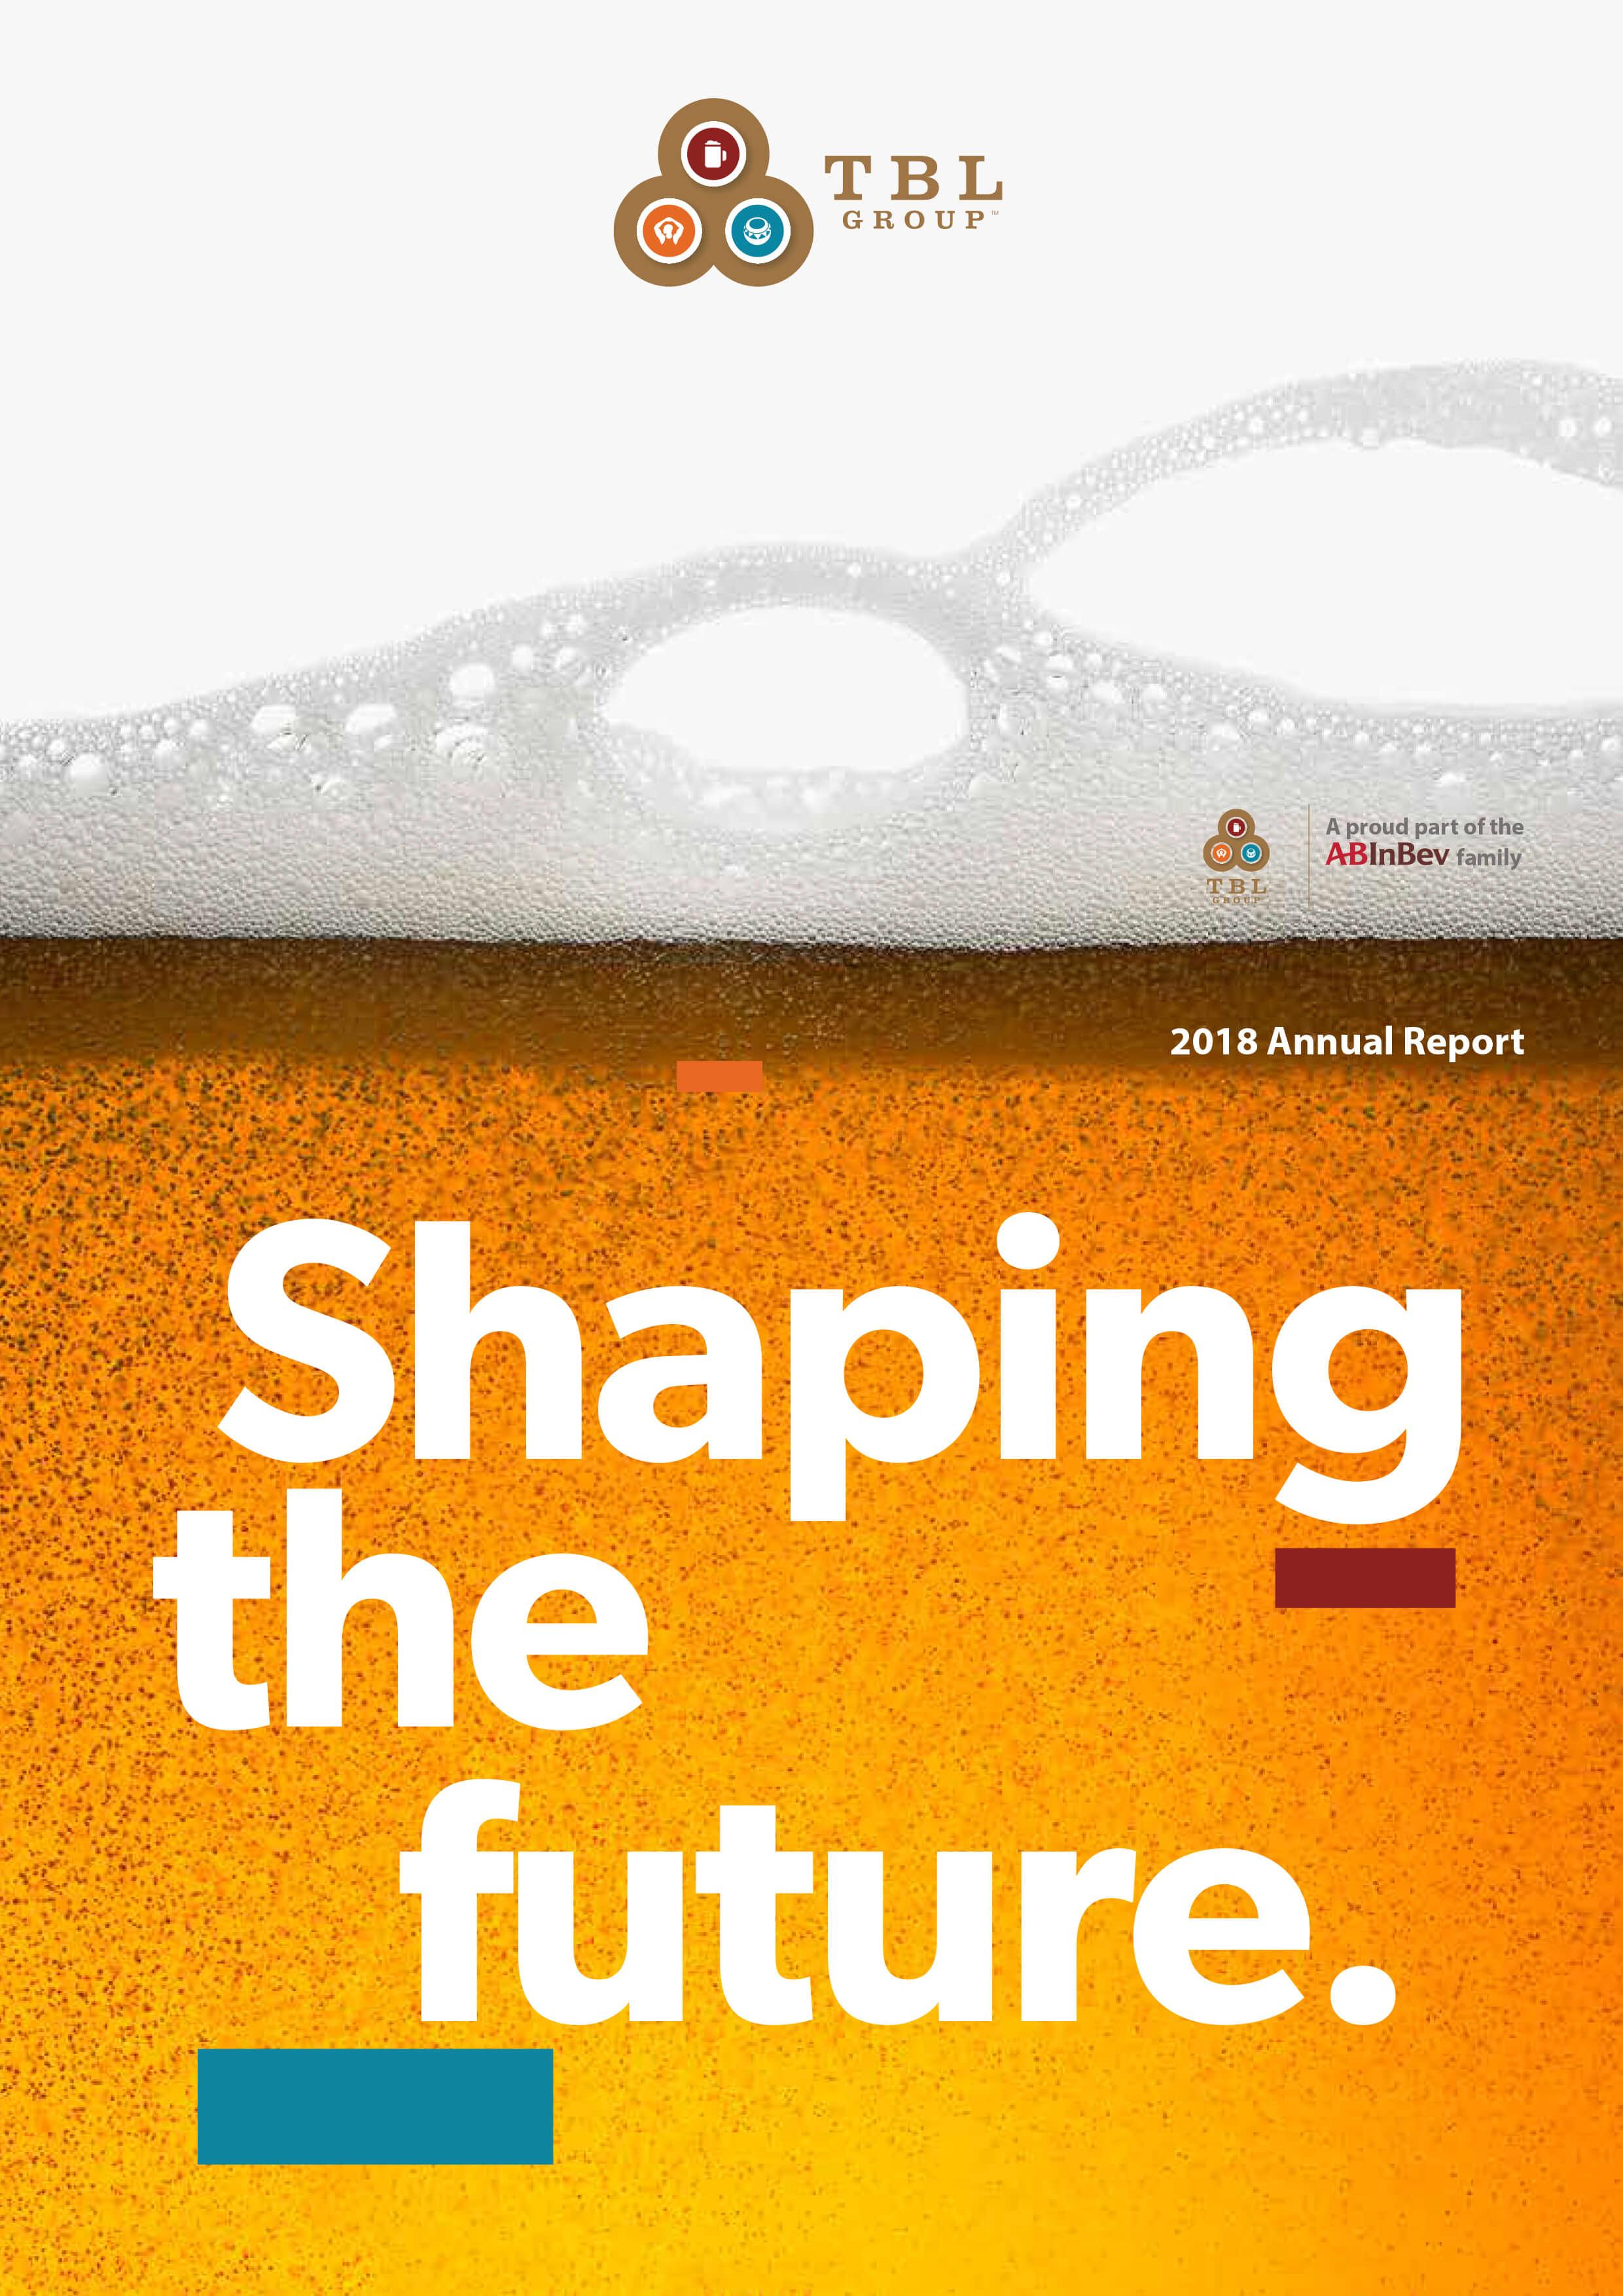 design design annual report TBLPlc/ william